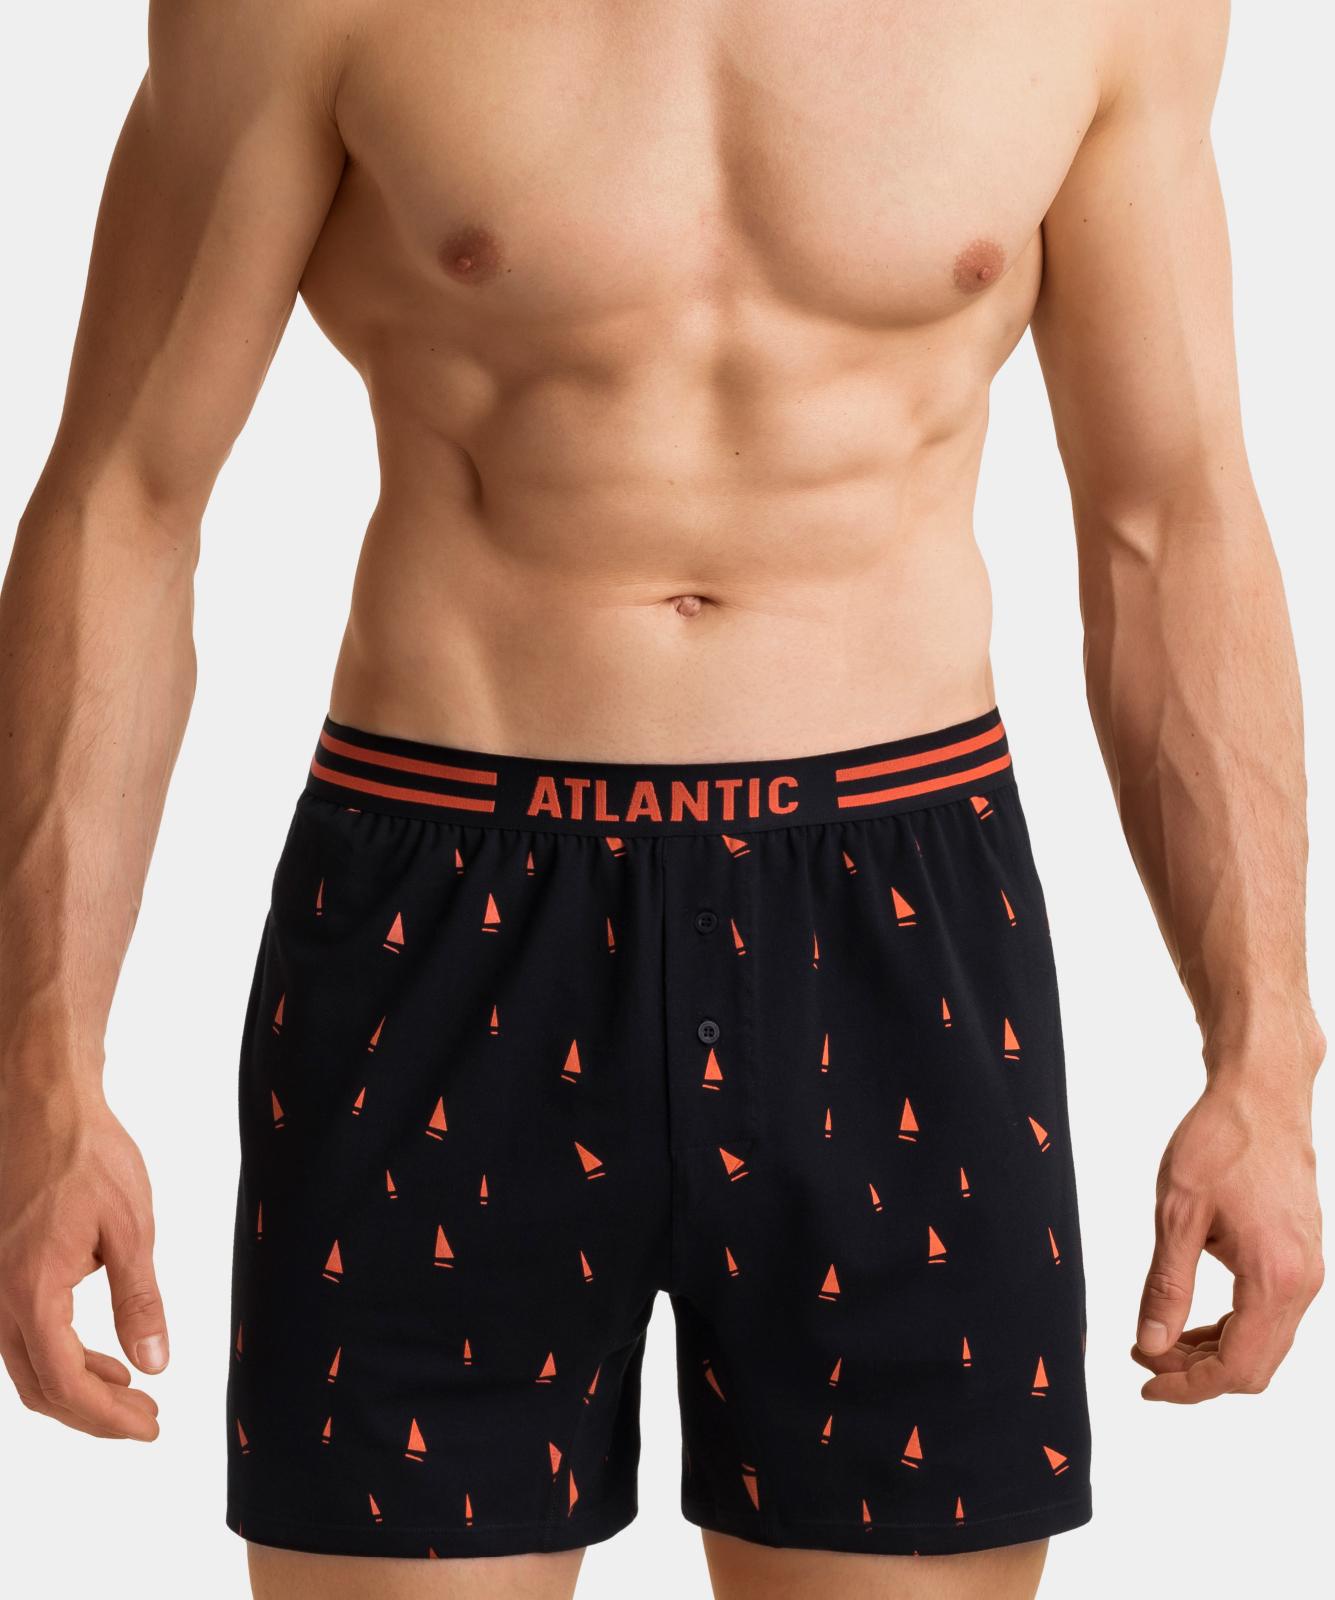 Мужские трусы боксеры Atlantic, набор 2 шт., хлопок, черные, 2MBX-015